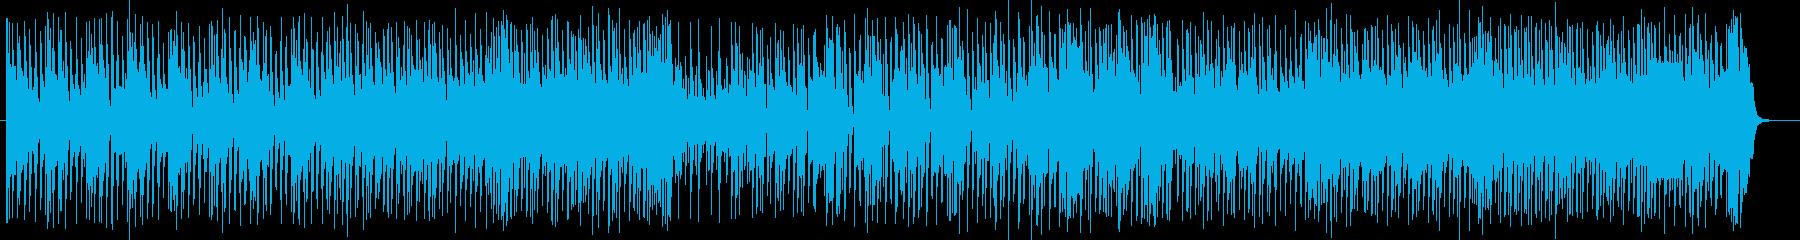 '80年代フュージョン的な明るいBGMの再生済みの波形